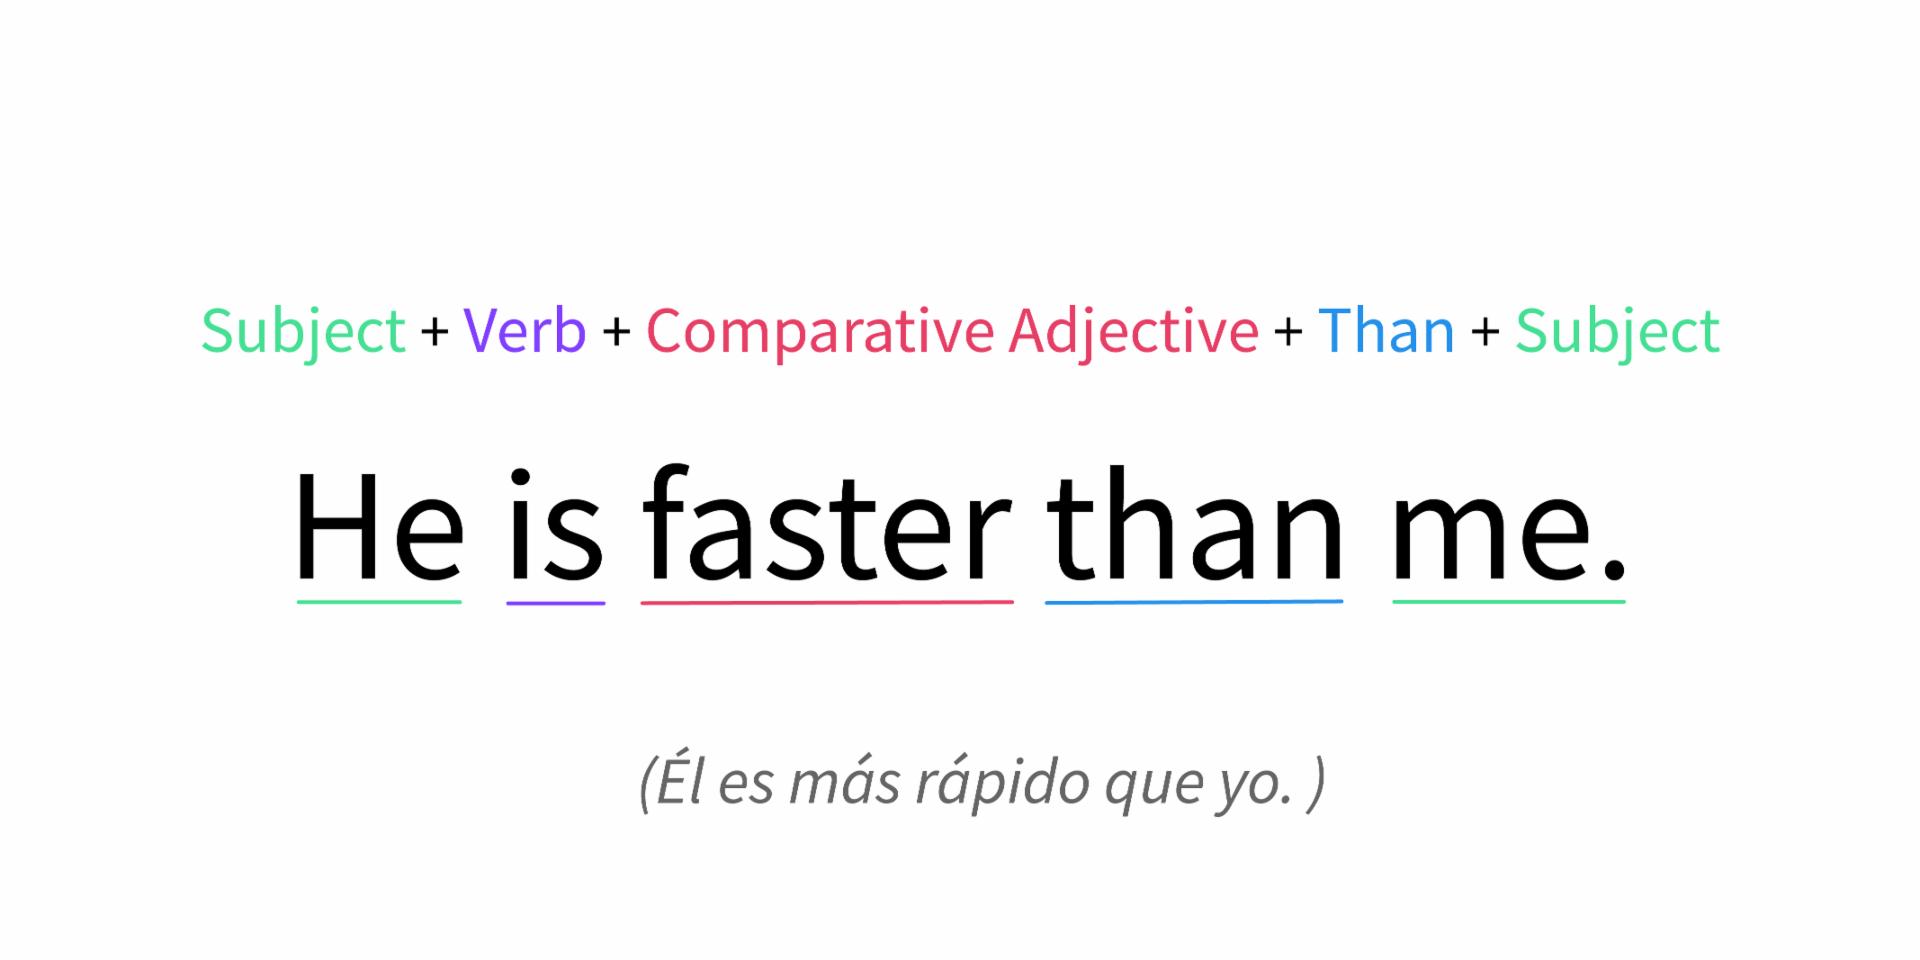 Imagen de formula de adjetivos comparativos.